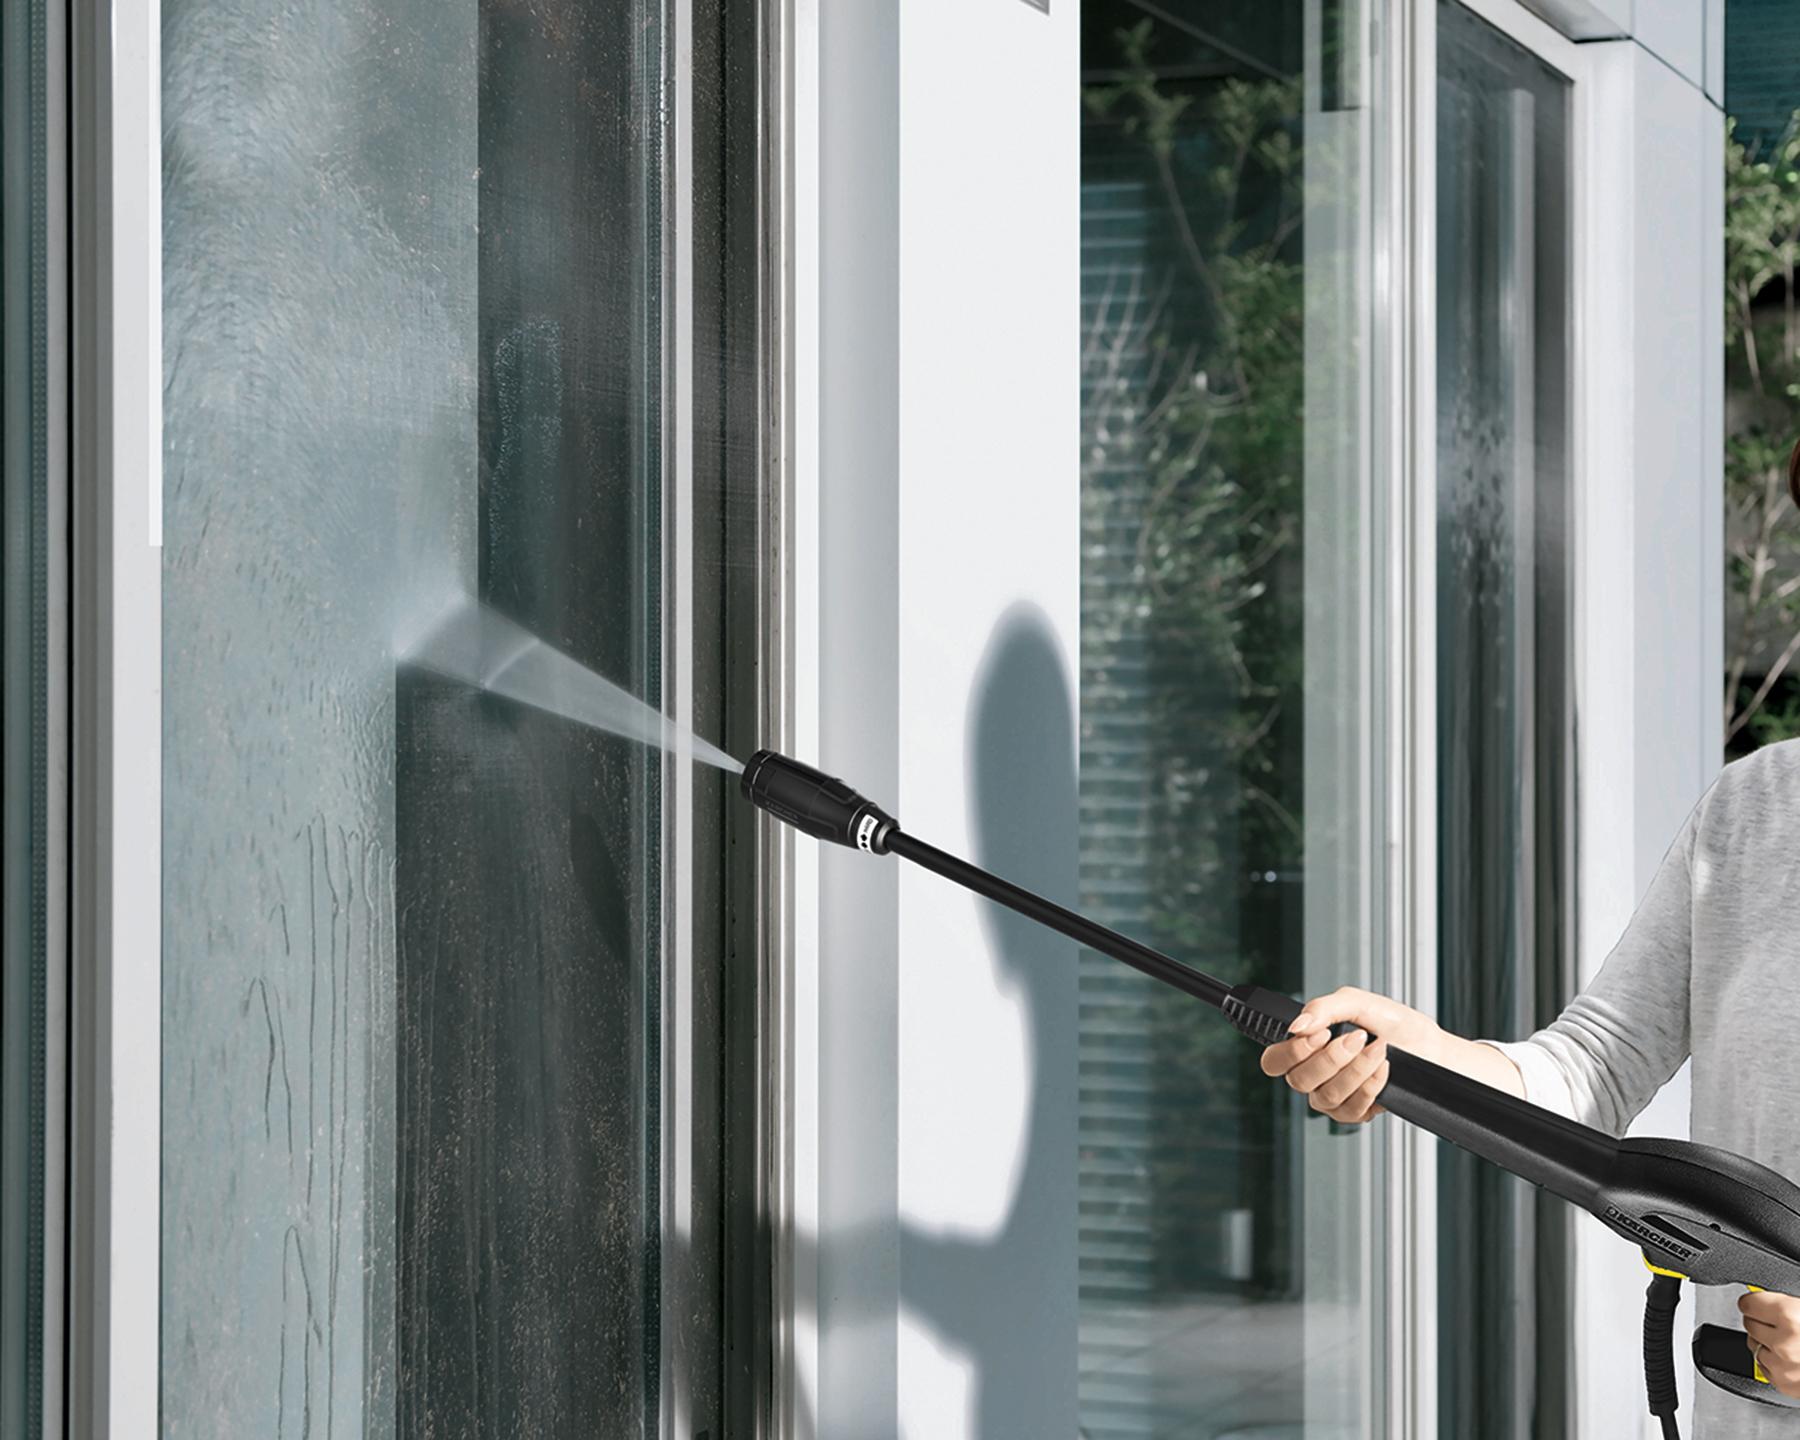 【ケルヒャージャパン】高圧洗浄機 K 2 サイレント 本体/約幅53.8×奥29.3×高さ30.3cm イエロー